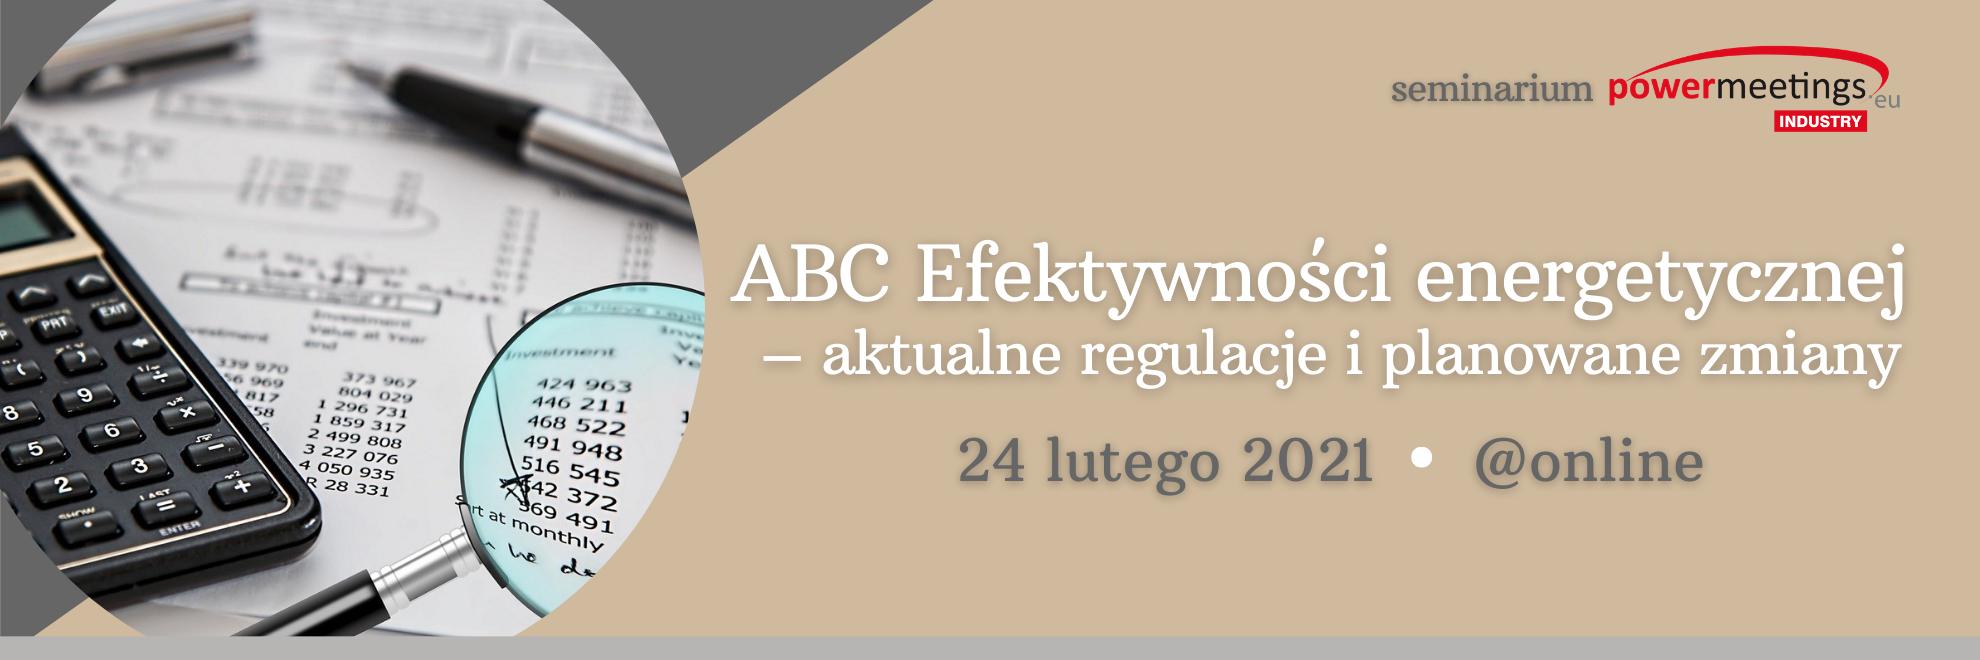 ABC Efektywności energetycznej w praktyce luty 2021